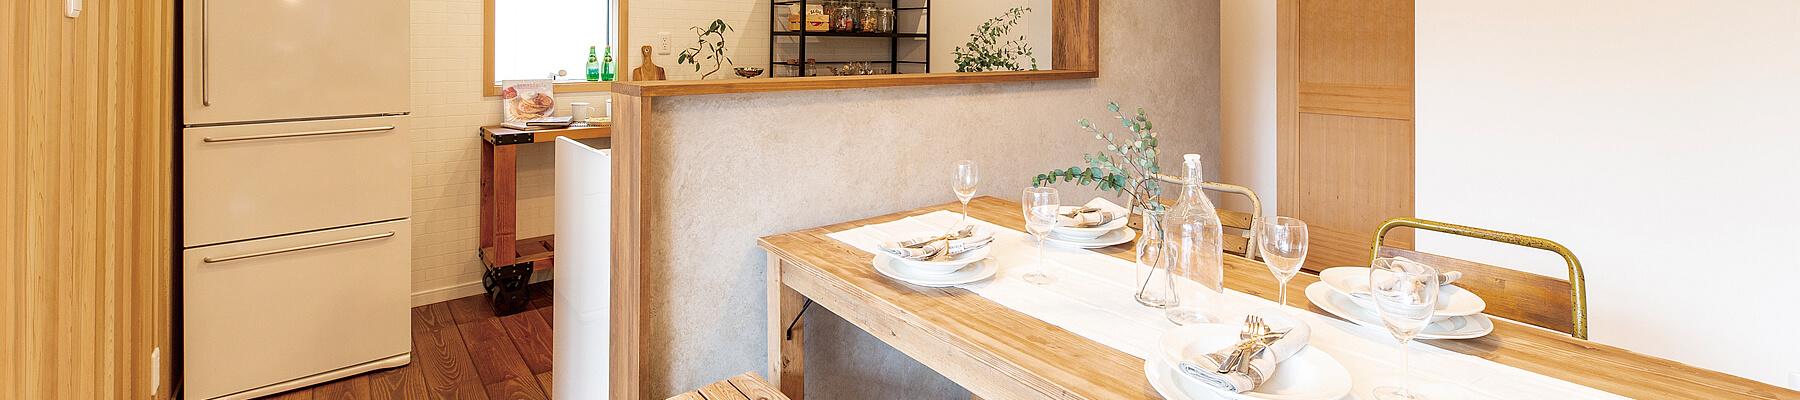 ただいま建築中|施工事例|安水建設|愛知県三河エリアの木造注文住宅・リフォーム